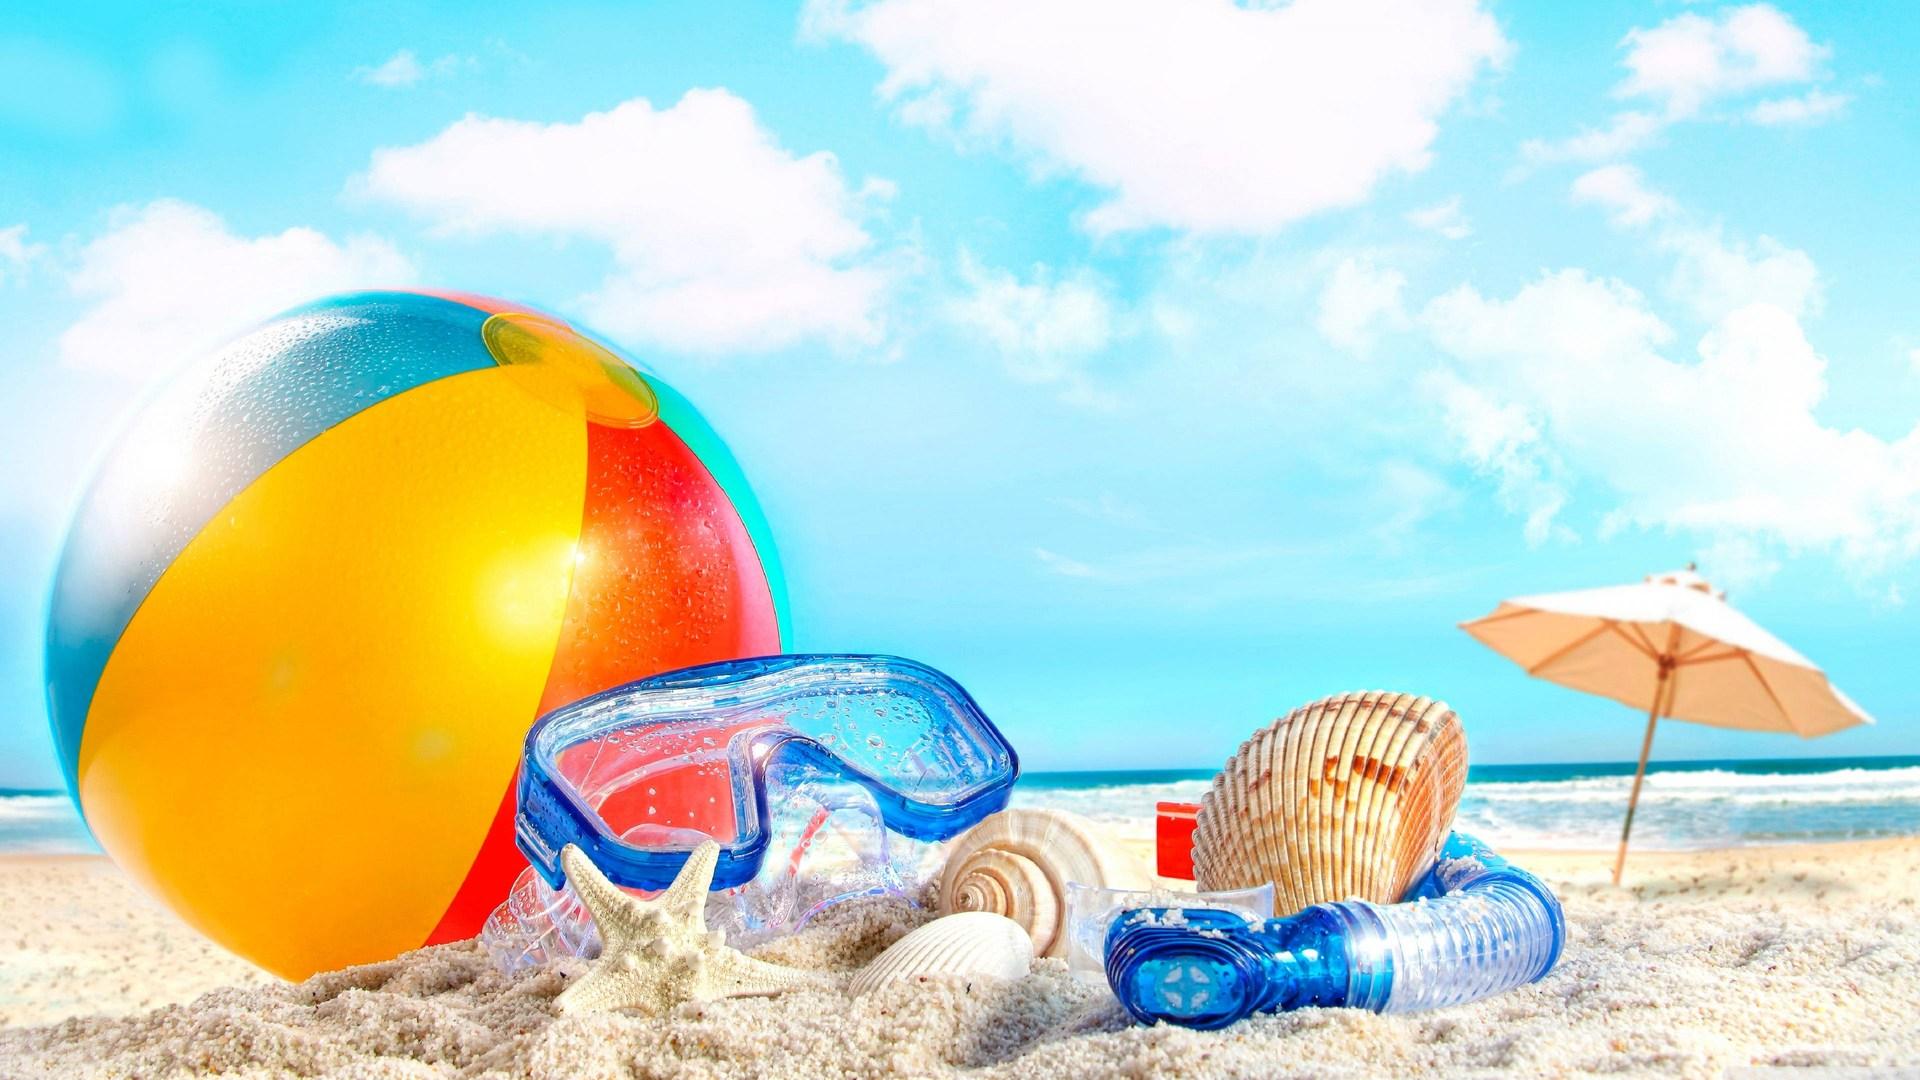 Beach ball at the beach